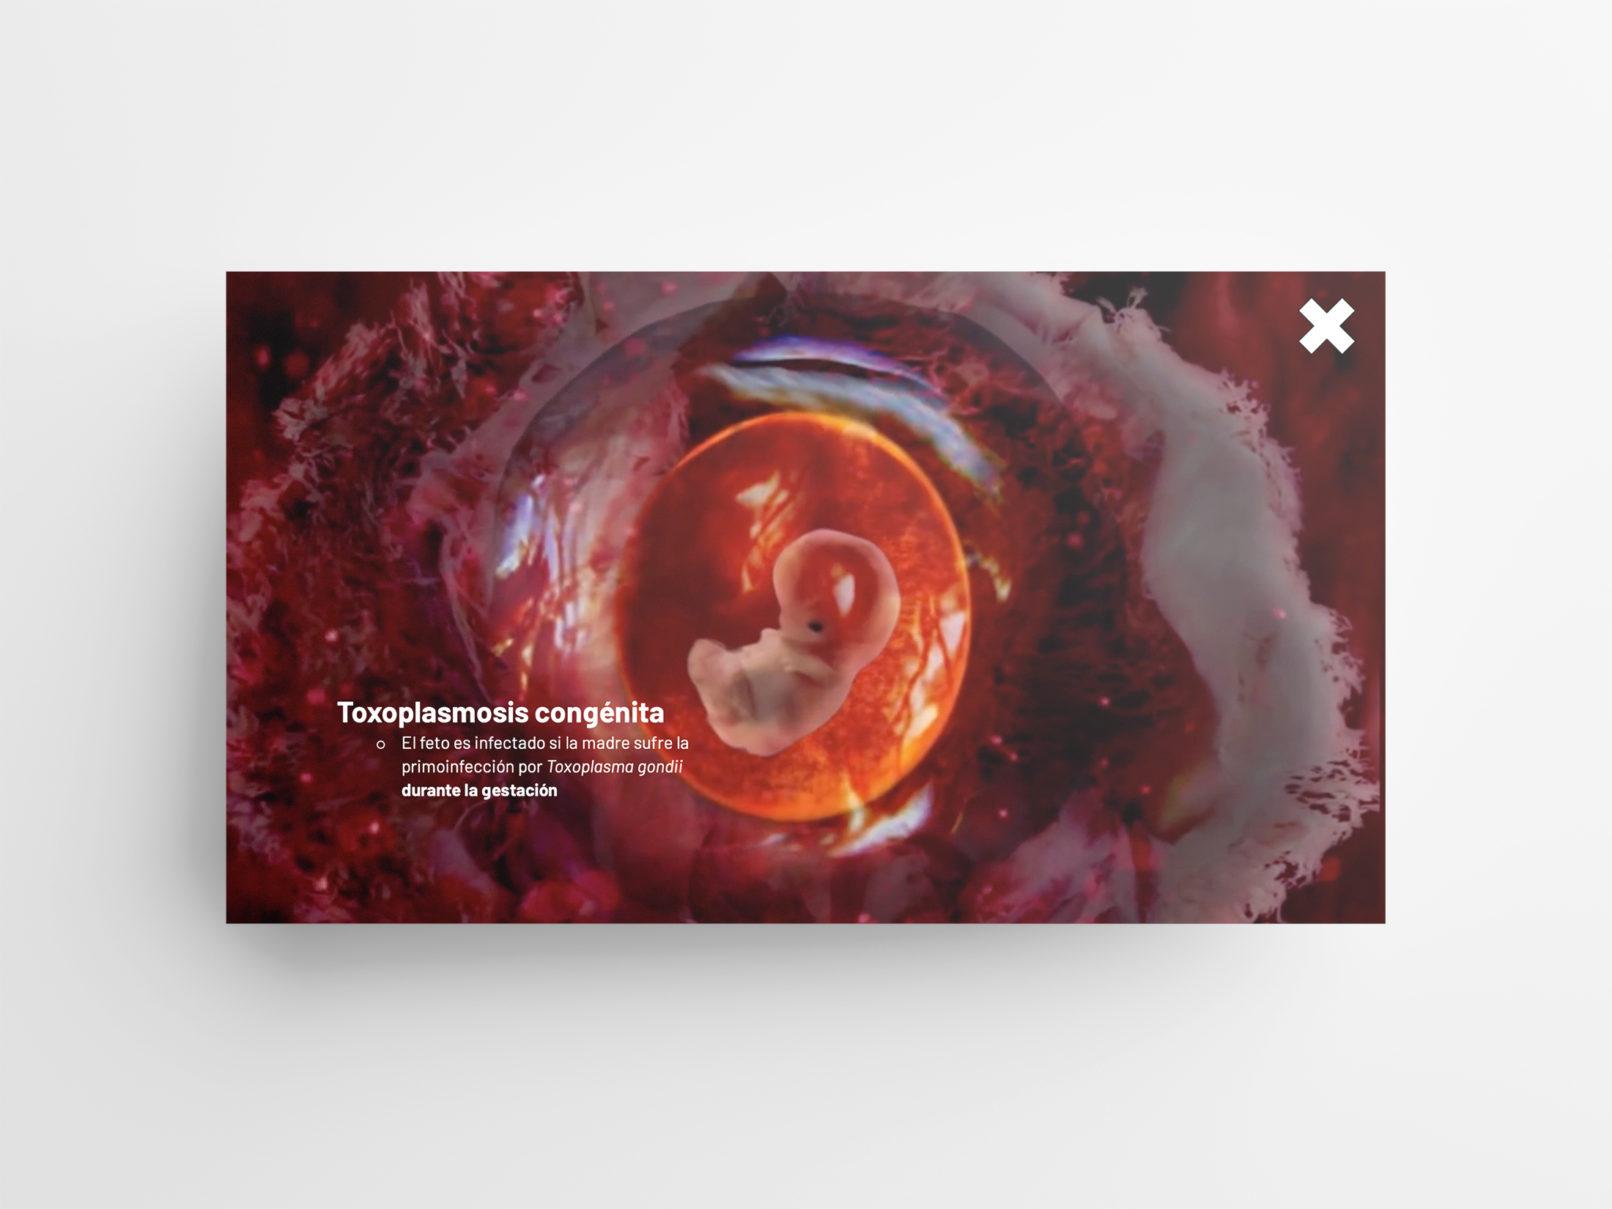 Kol.mx-Sanfer-Daraprim-eLearning-4-1612x1209